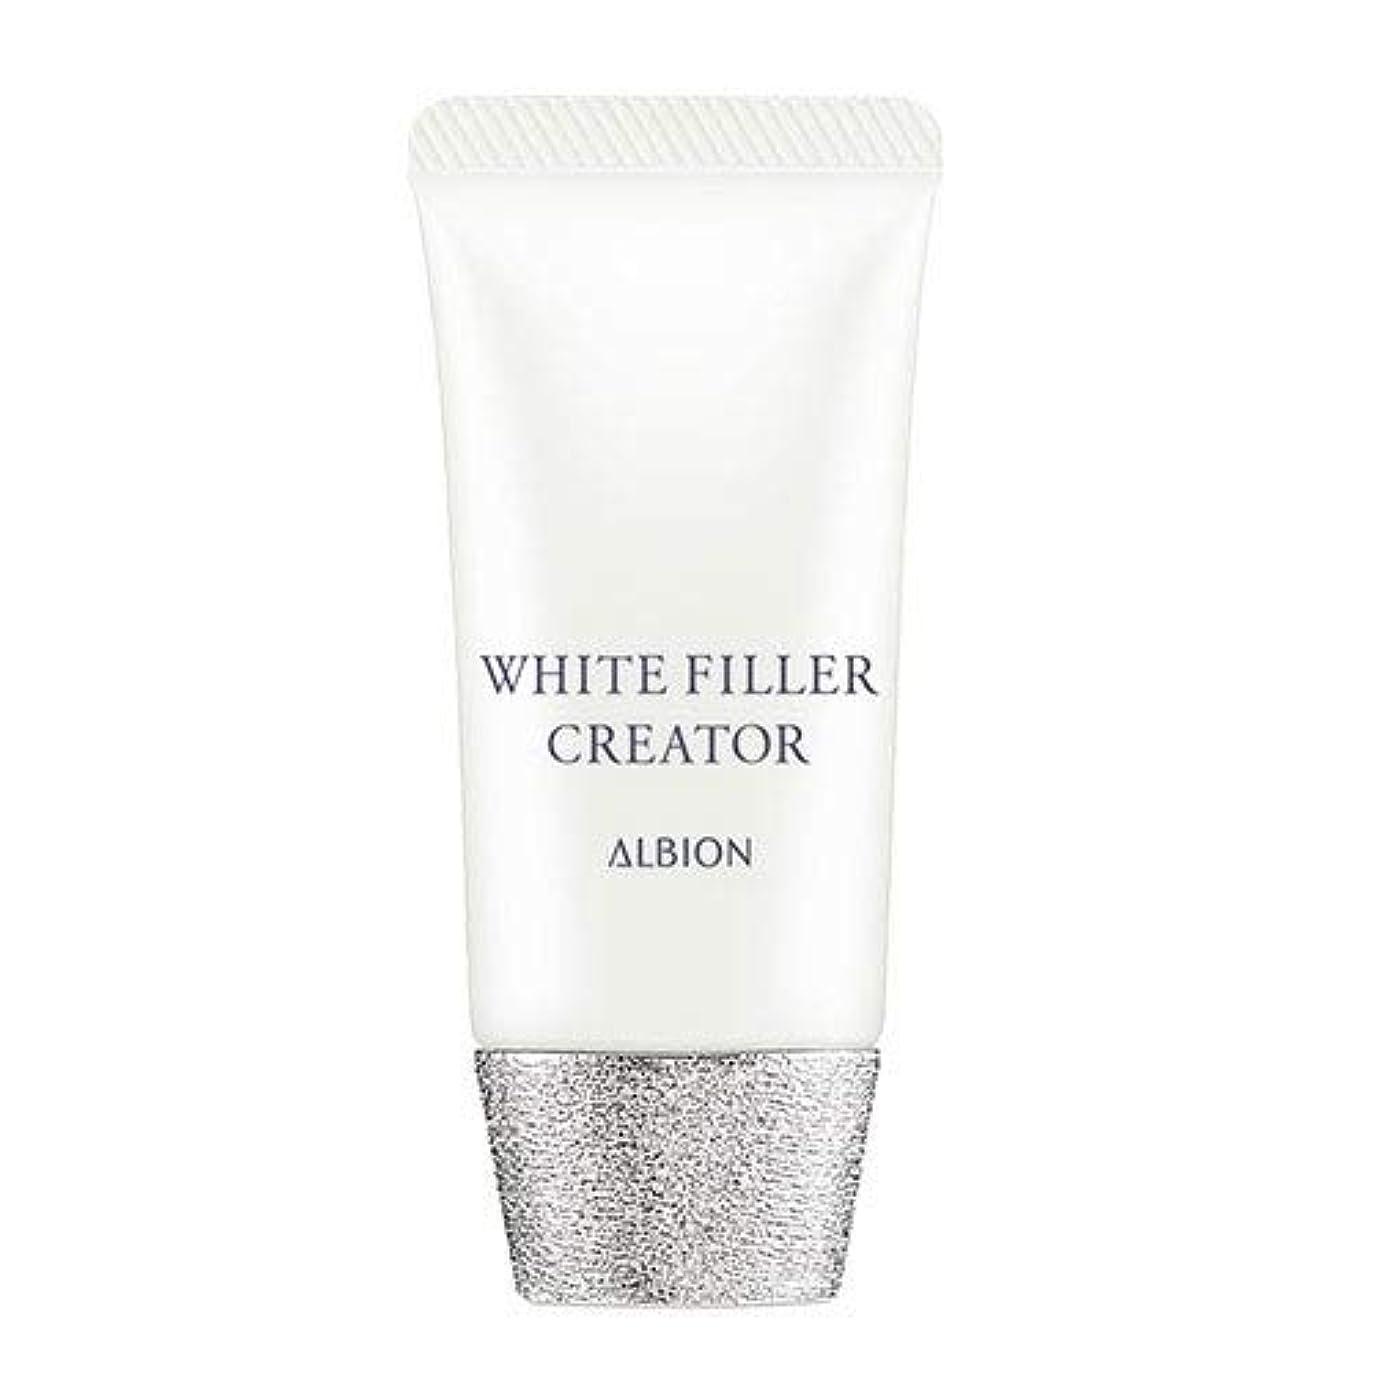 乱用該当する石灰岩アルビオン ホワイトフィラー クリエイター SPF35?PA+++ 30g -ALBION-